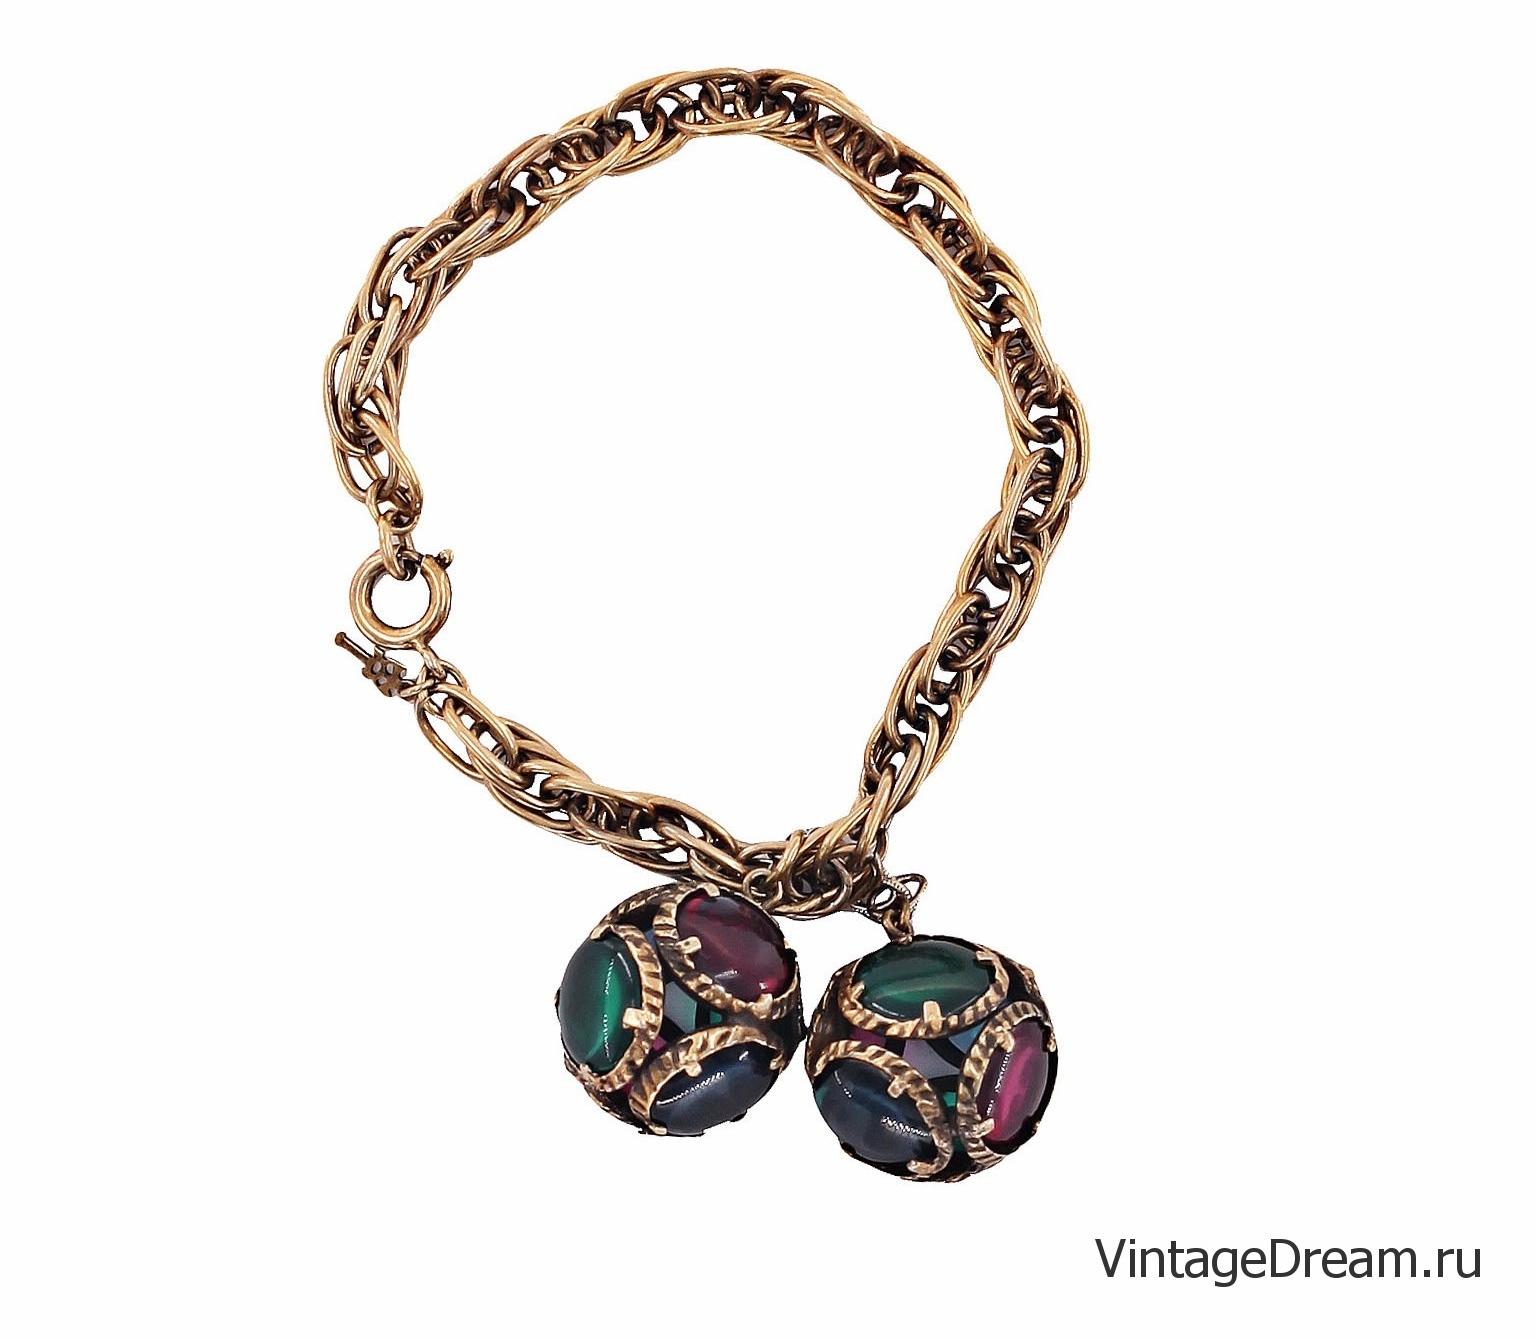 Коллекционный браслет Trifari из коллекции Renaissance 1964 года